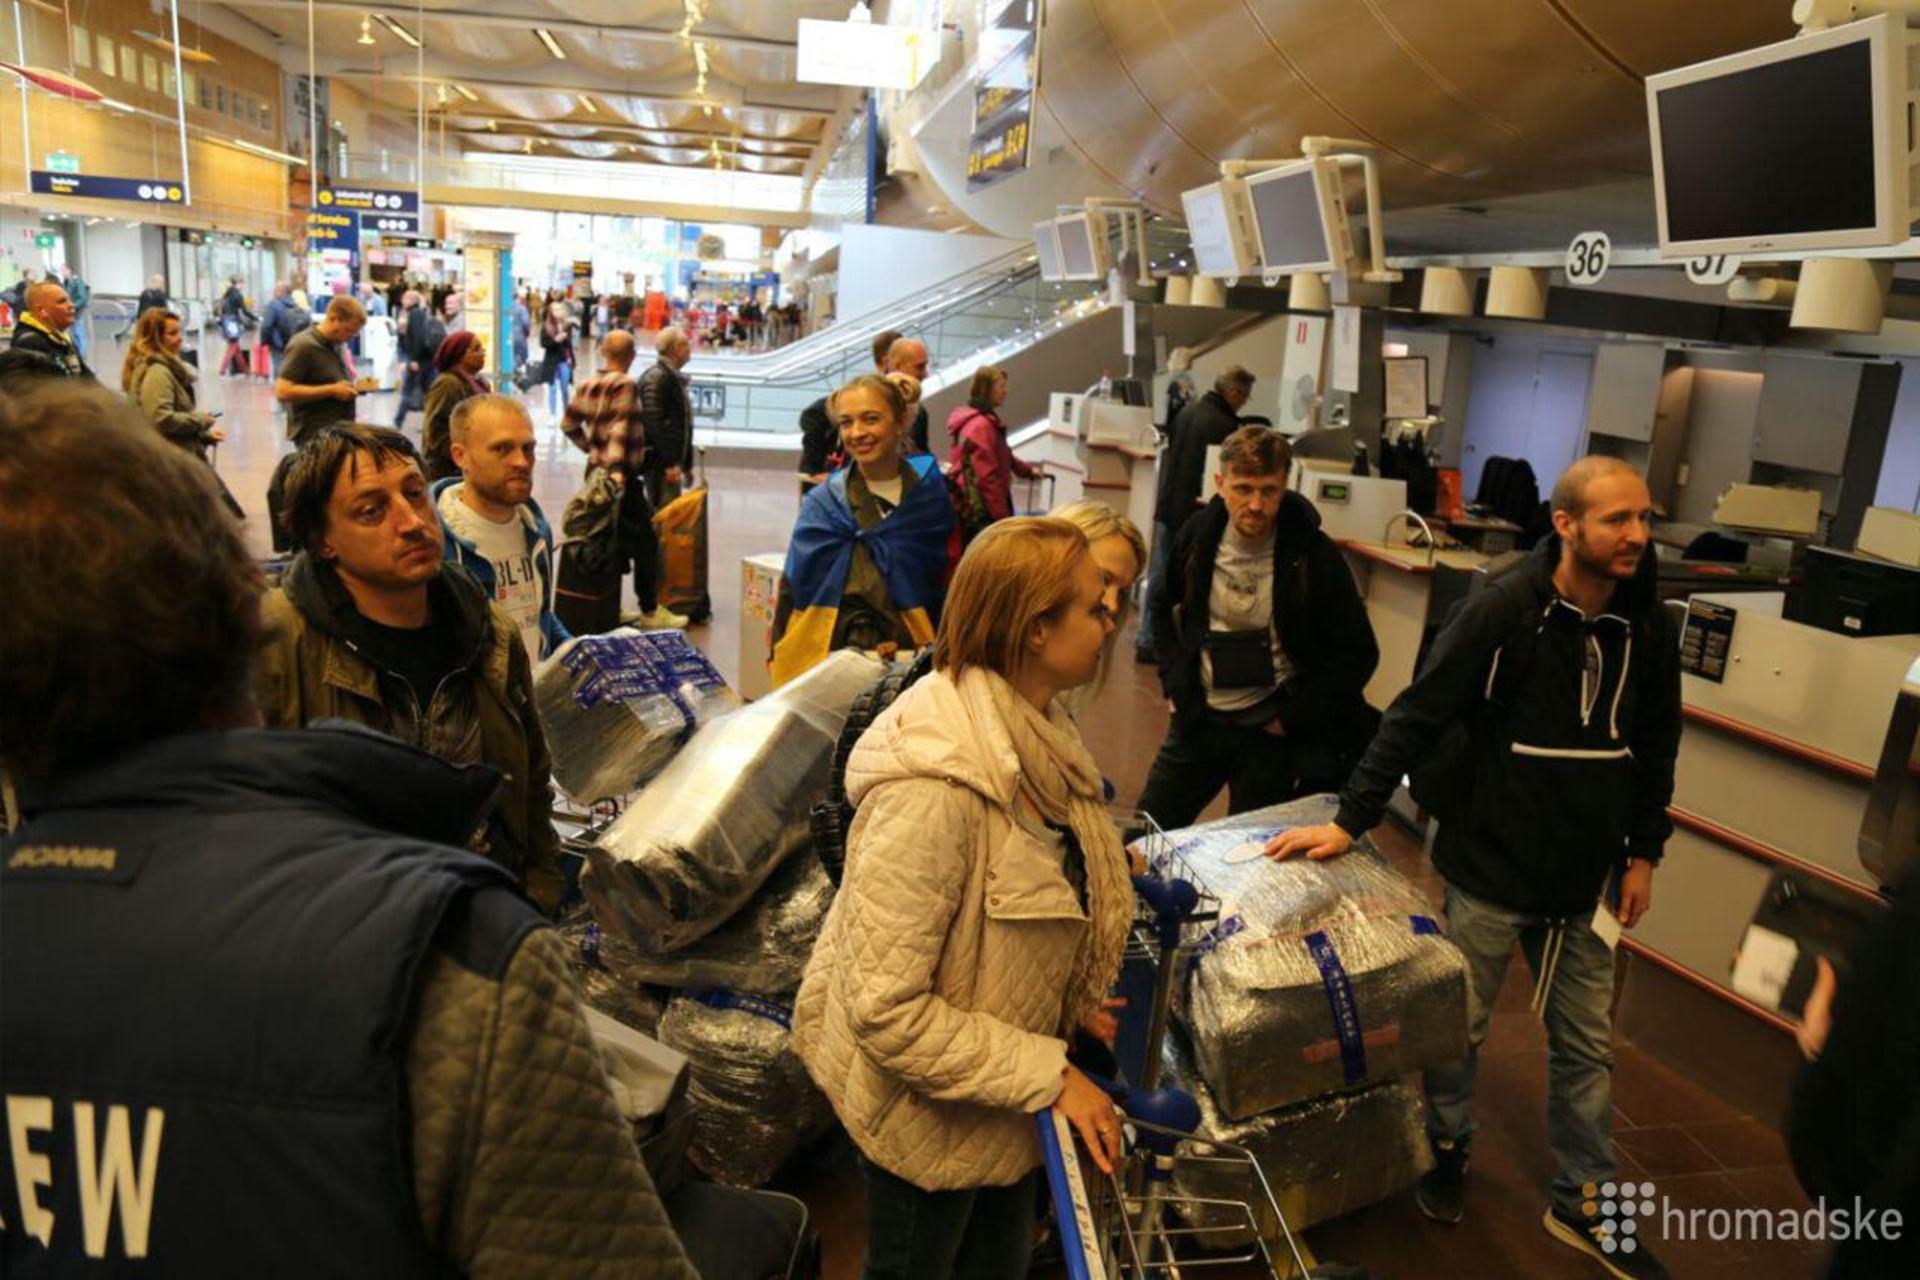 Джамалі в аеропорту довелося платити за свою нагороду (ФОТО) - фото 1